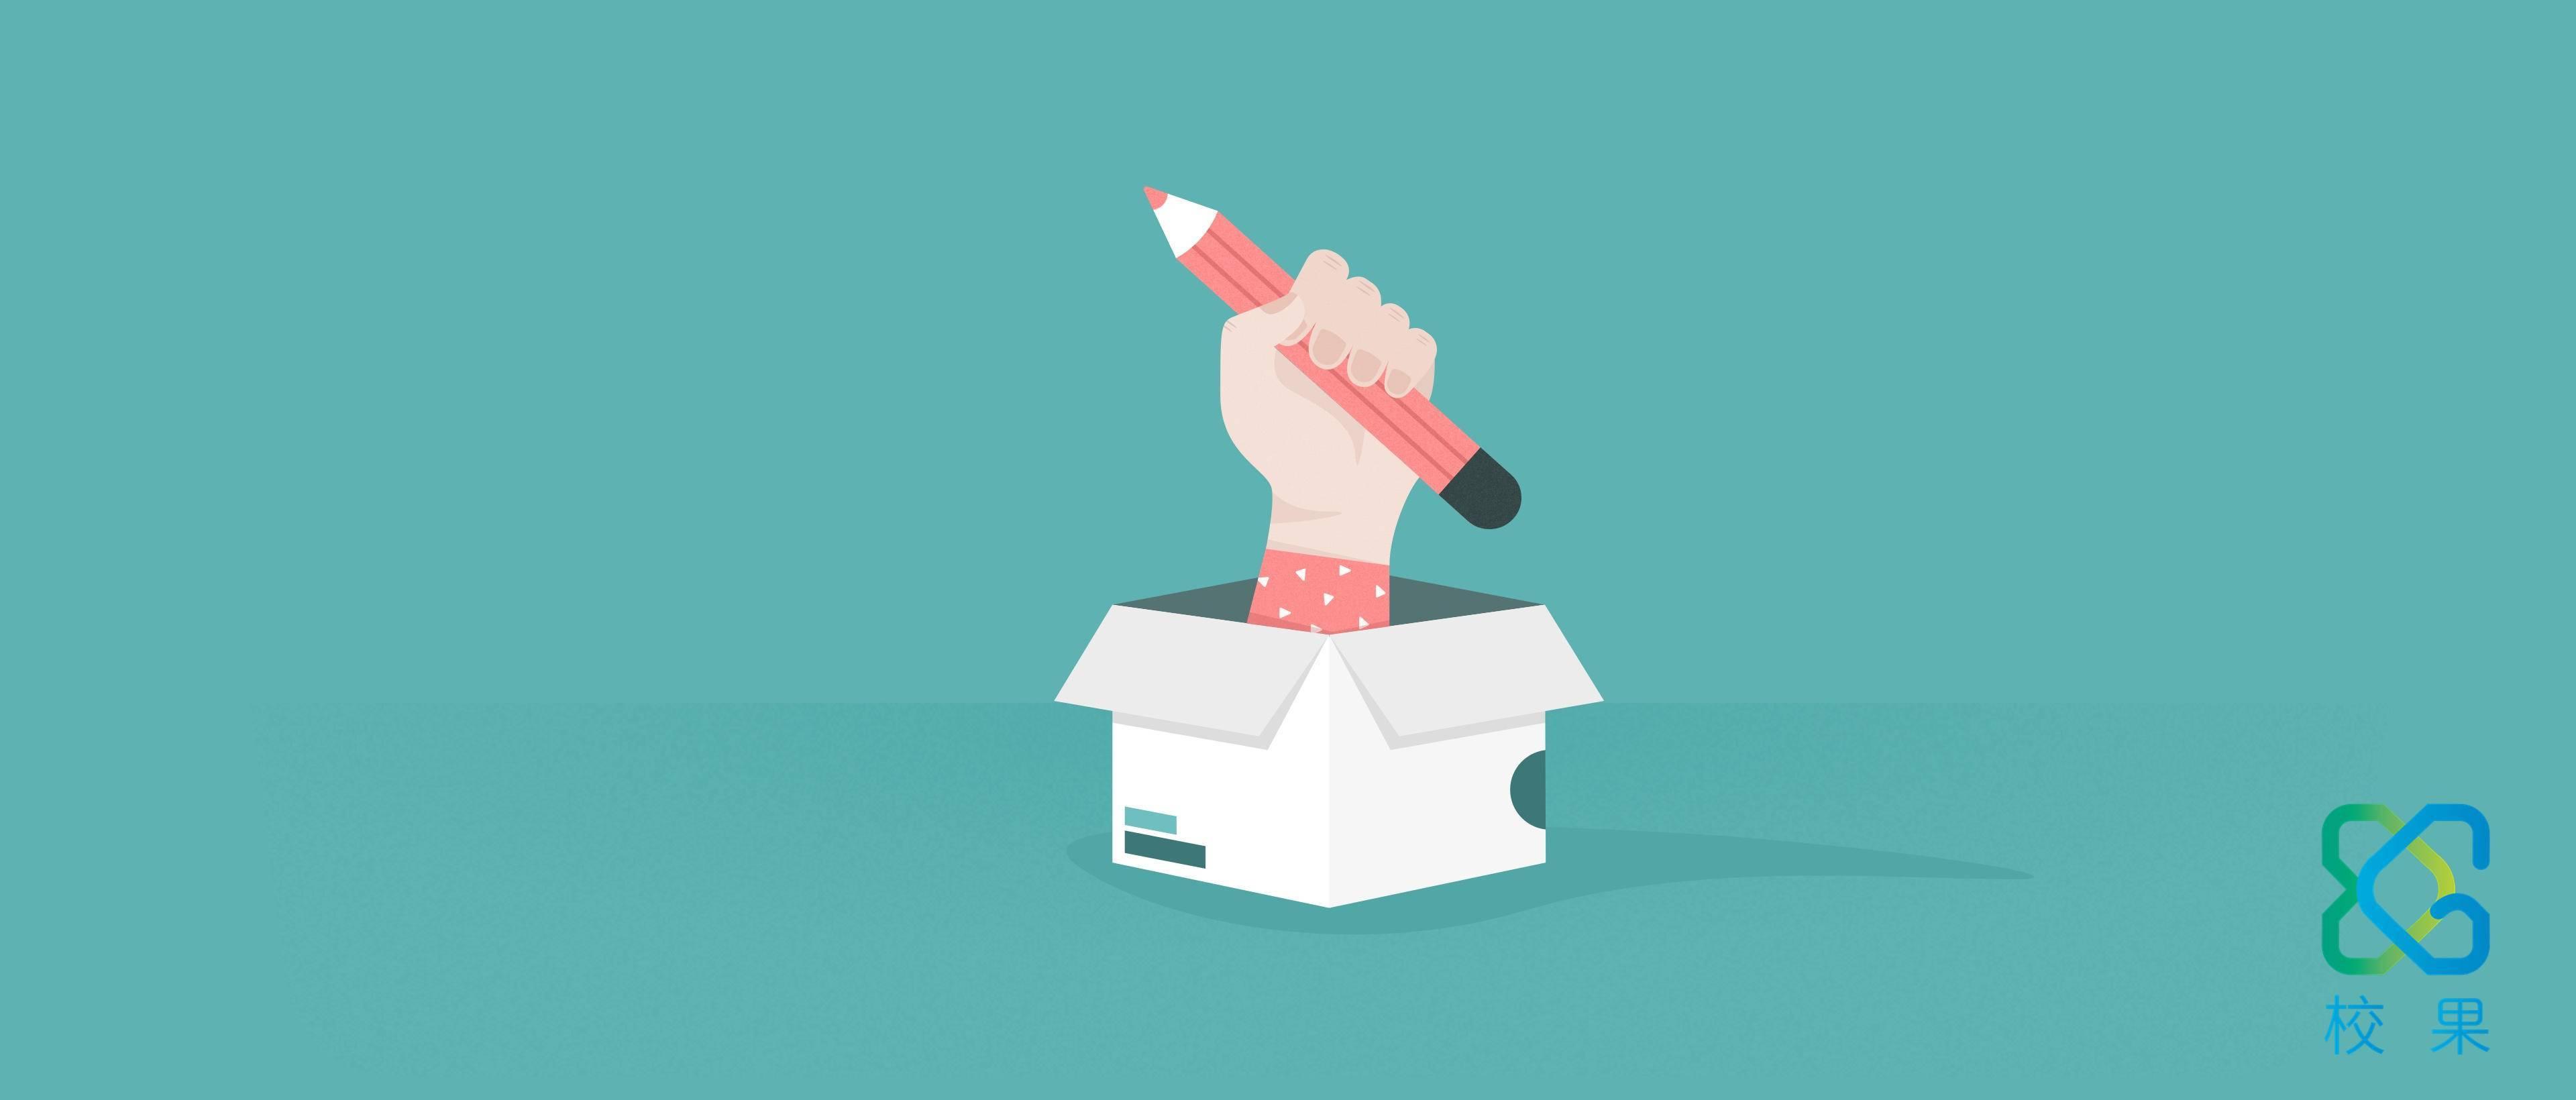 企业在制定校园营销策划时应该注意些什么